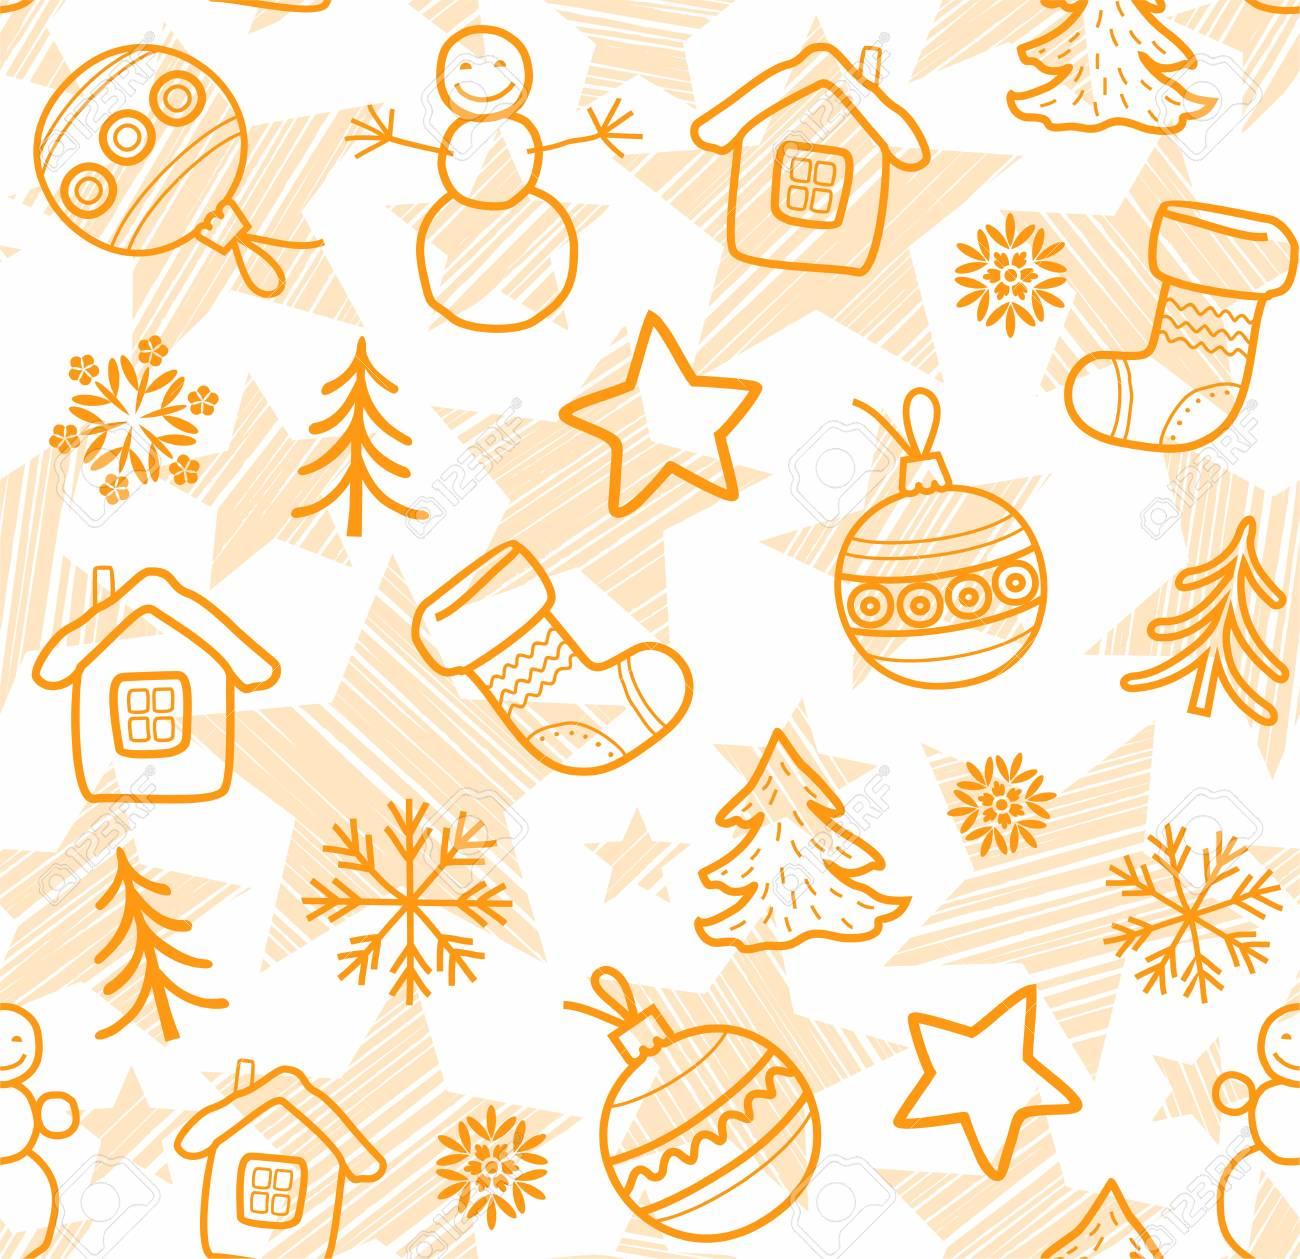 Disegni Di Palline Di Natale.Vettoriale Decorazioni Di Natale Nei Disegni Di Contorno Arancione